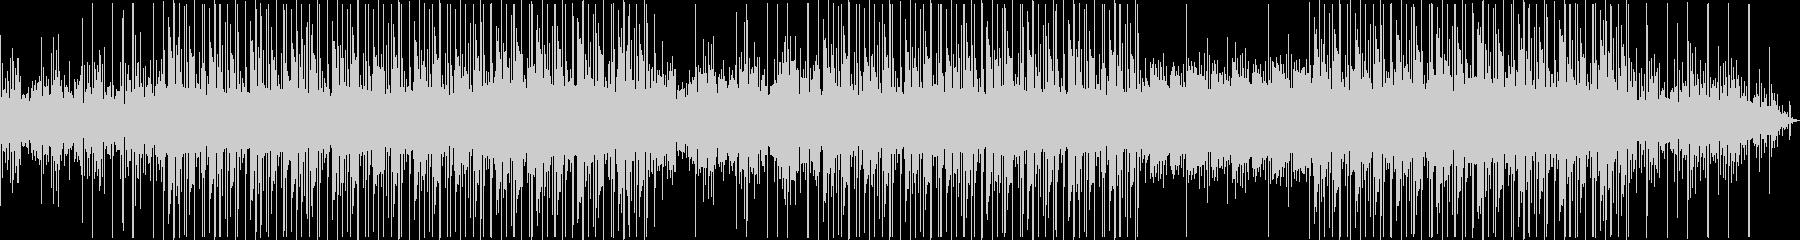 近代的 Synth Wave LoFi の未再生の波形